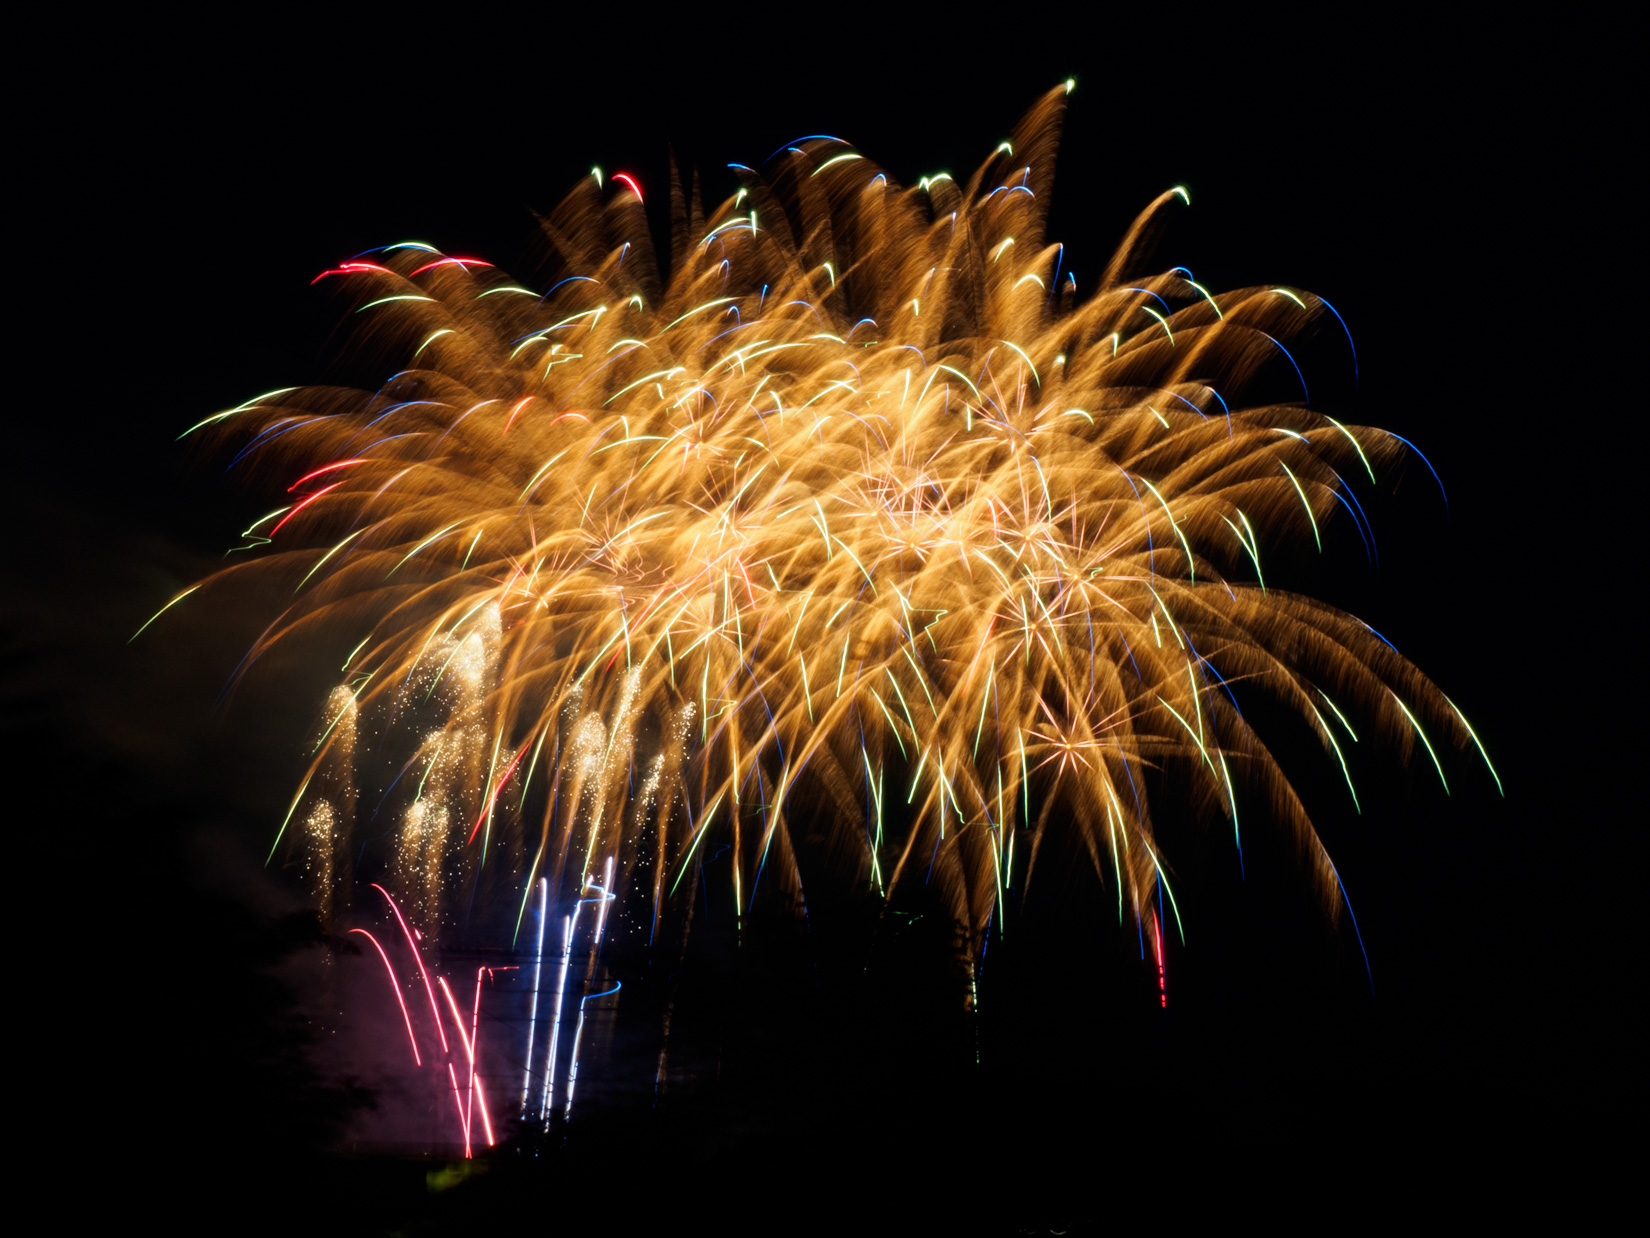 Fireworks – MMT